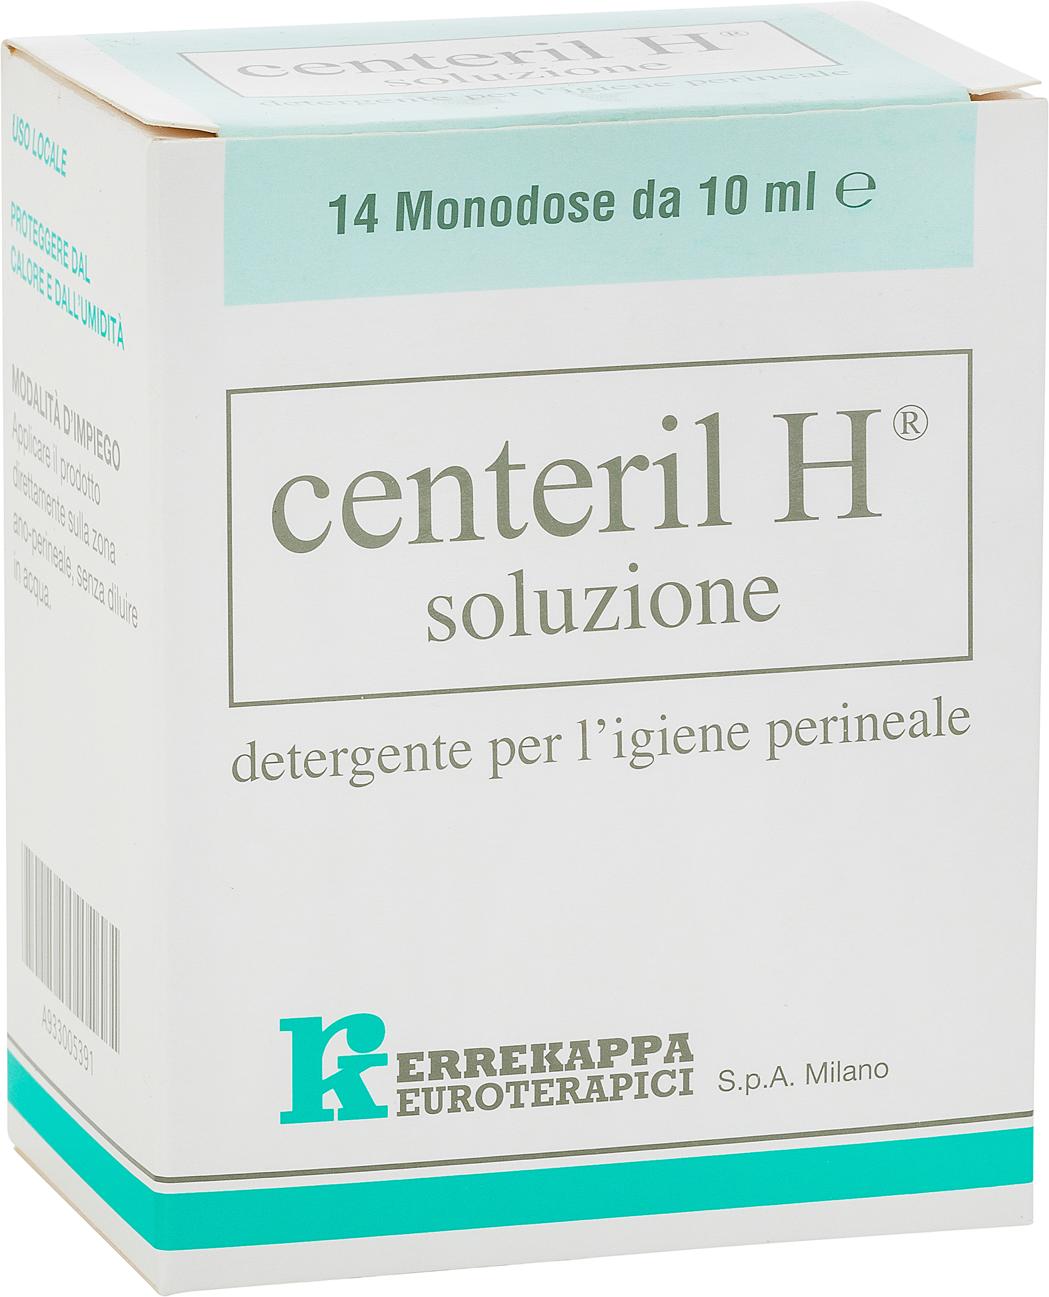 Centeril H soluzione